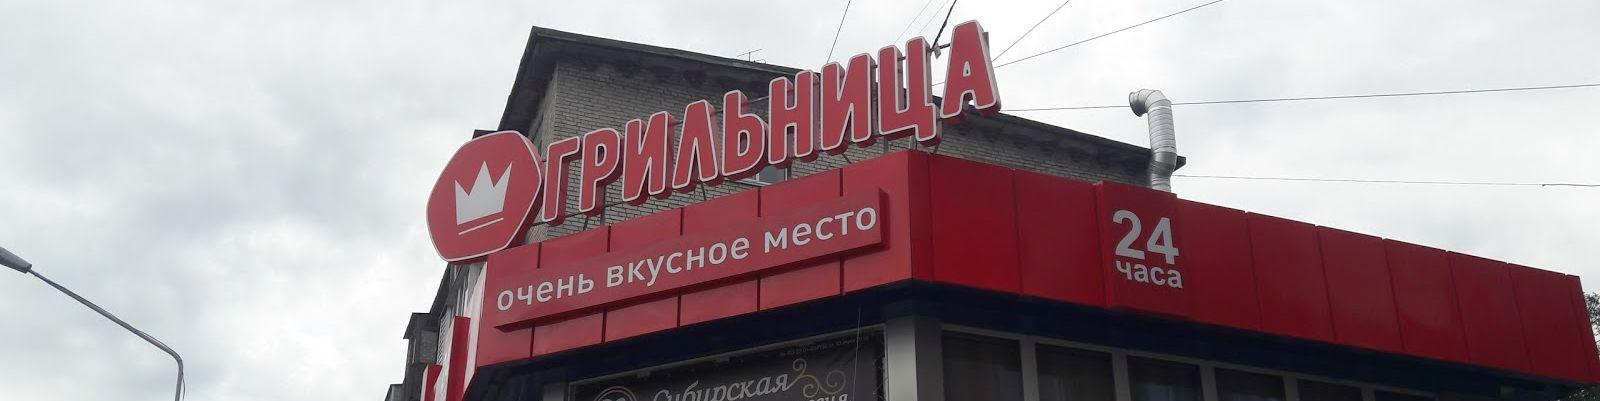 Грильница - заказ готовой еды в Бийске